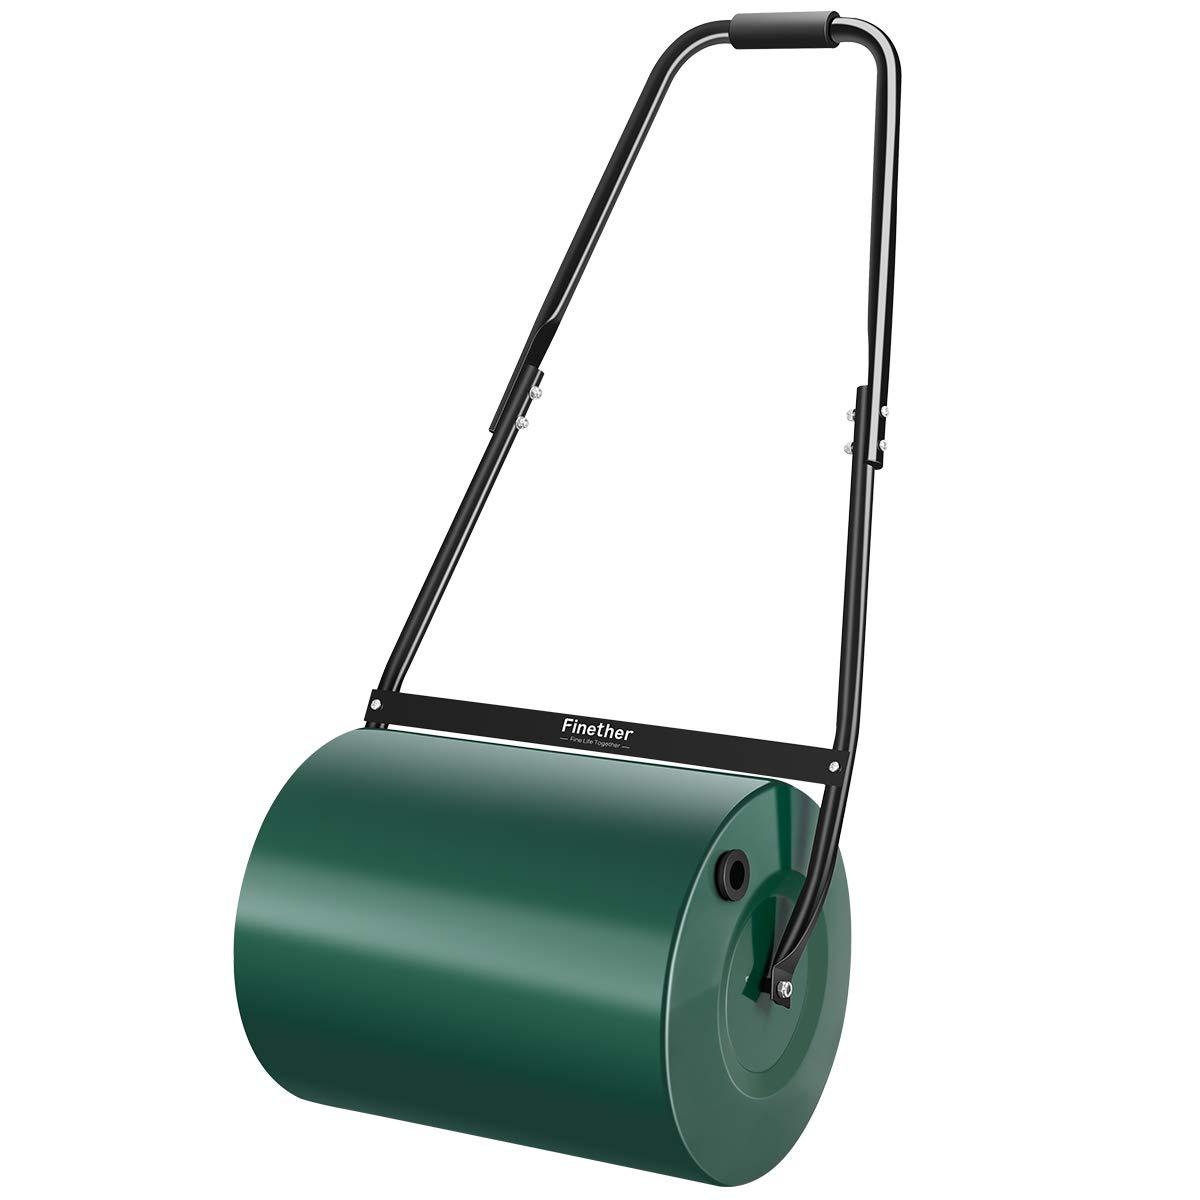 Finether – Rodillo de jardín, rodillo de mano para césped, con limpiacristales, mango plegable, color verde: Amazon.es: Jardín